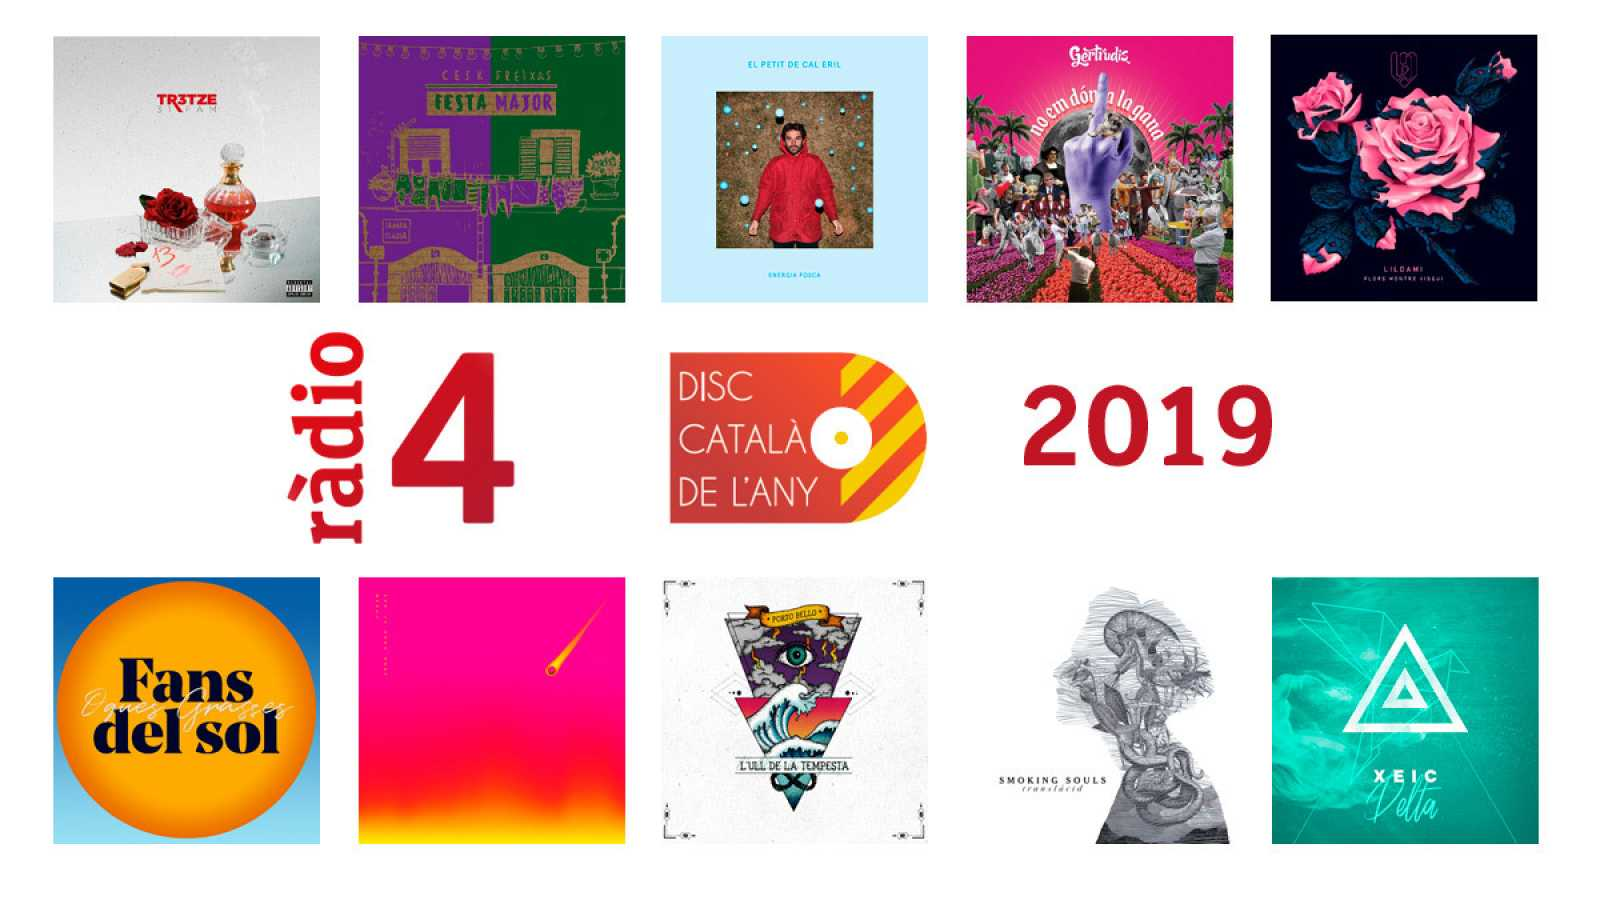 Finalistes del Premi disc català de l'any 2019